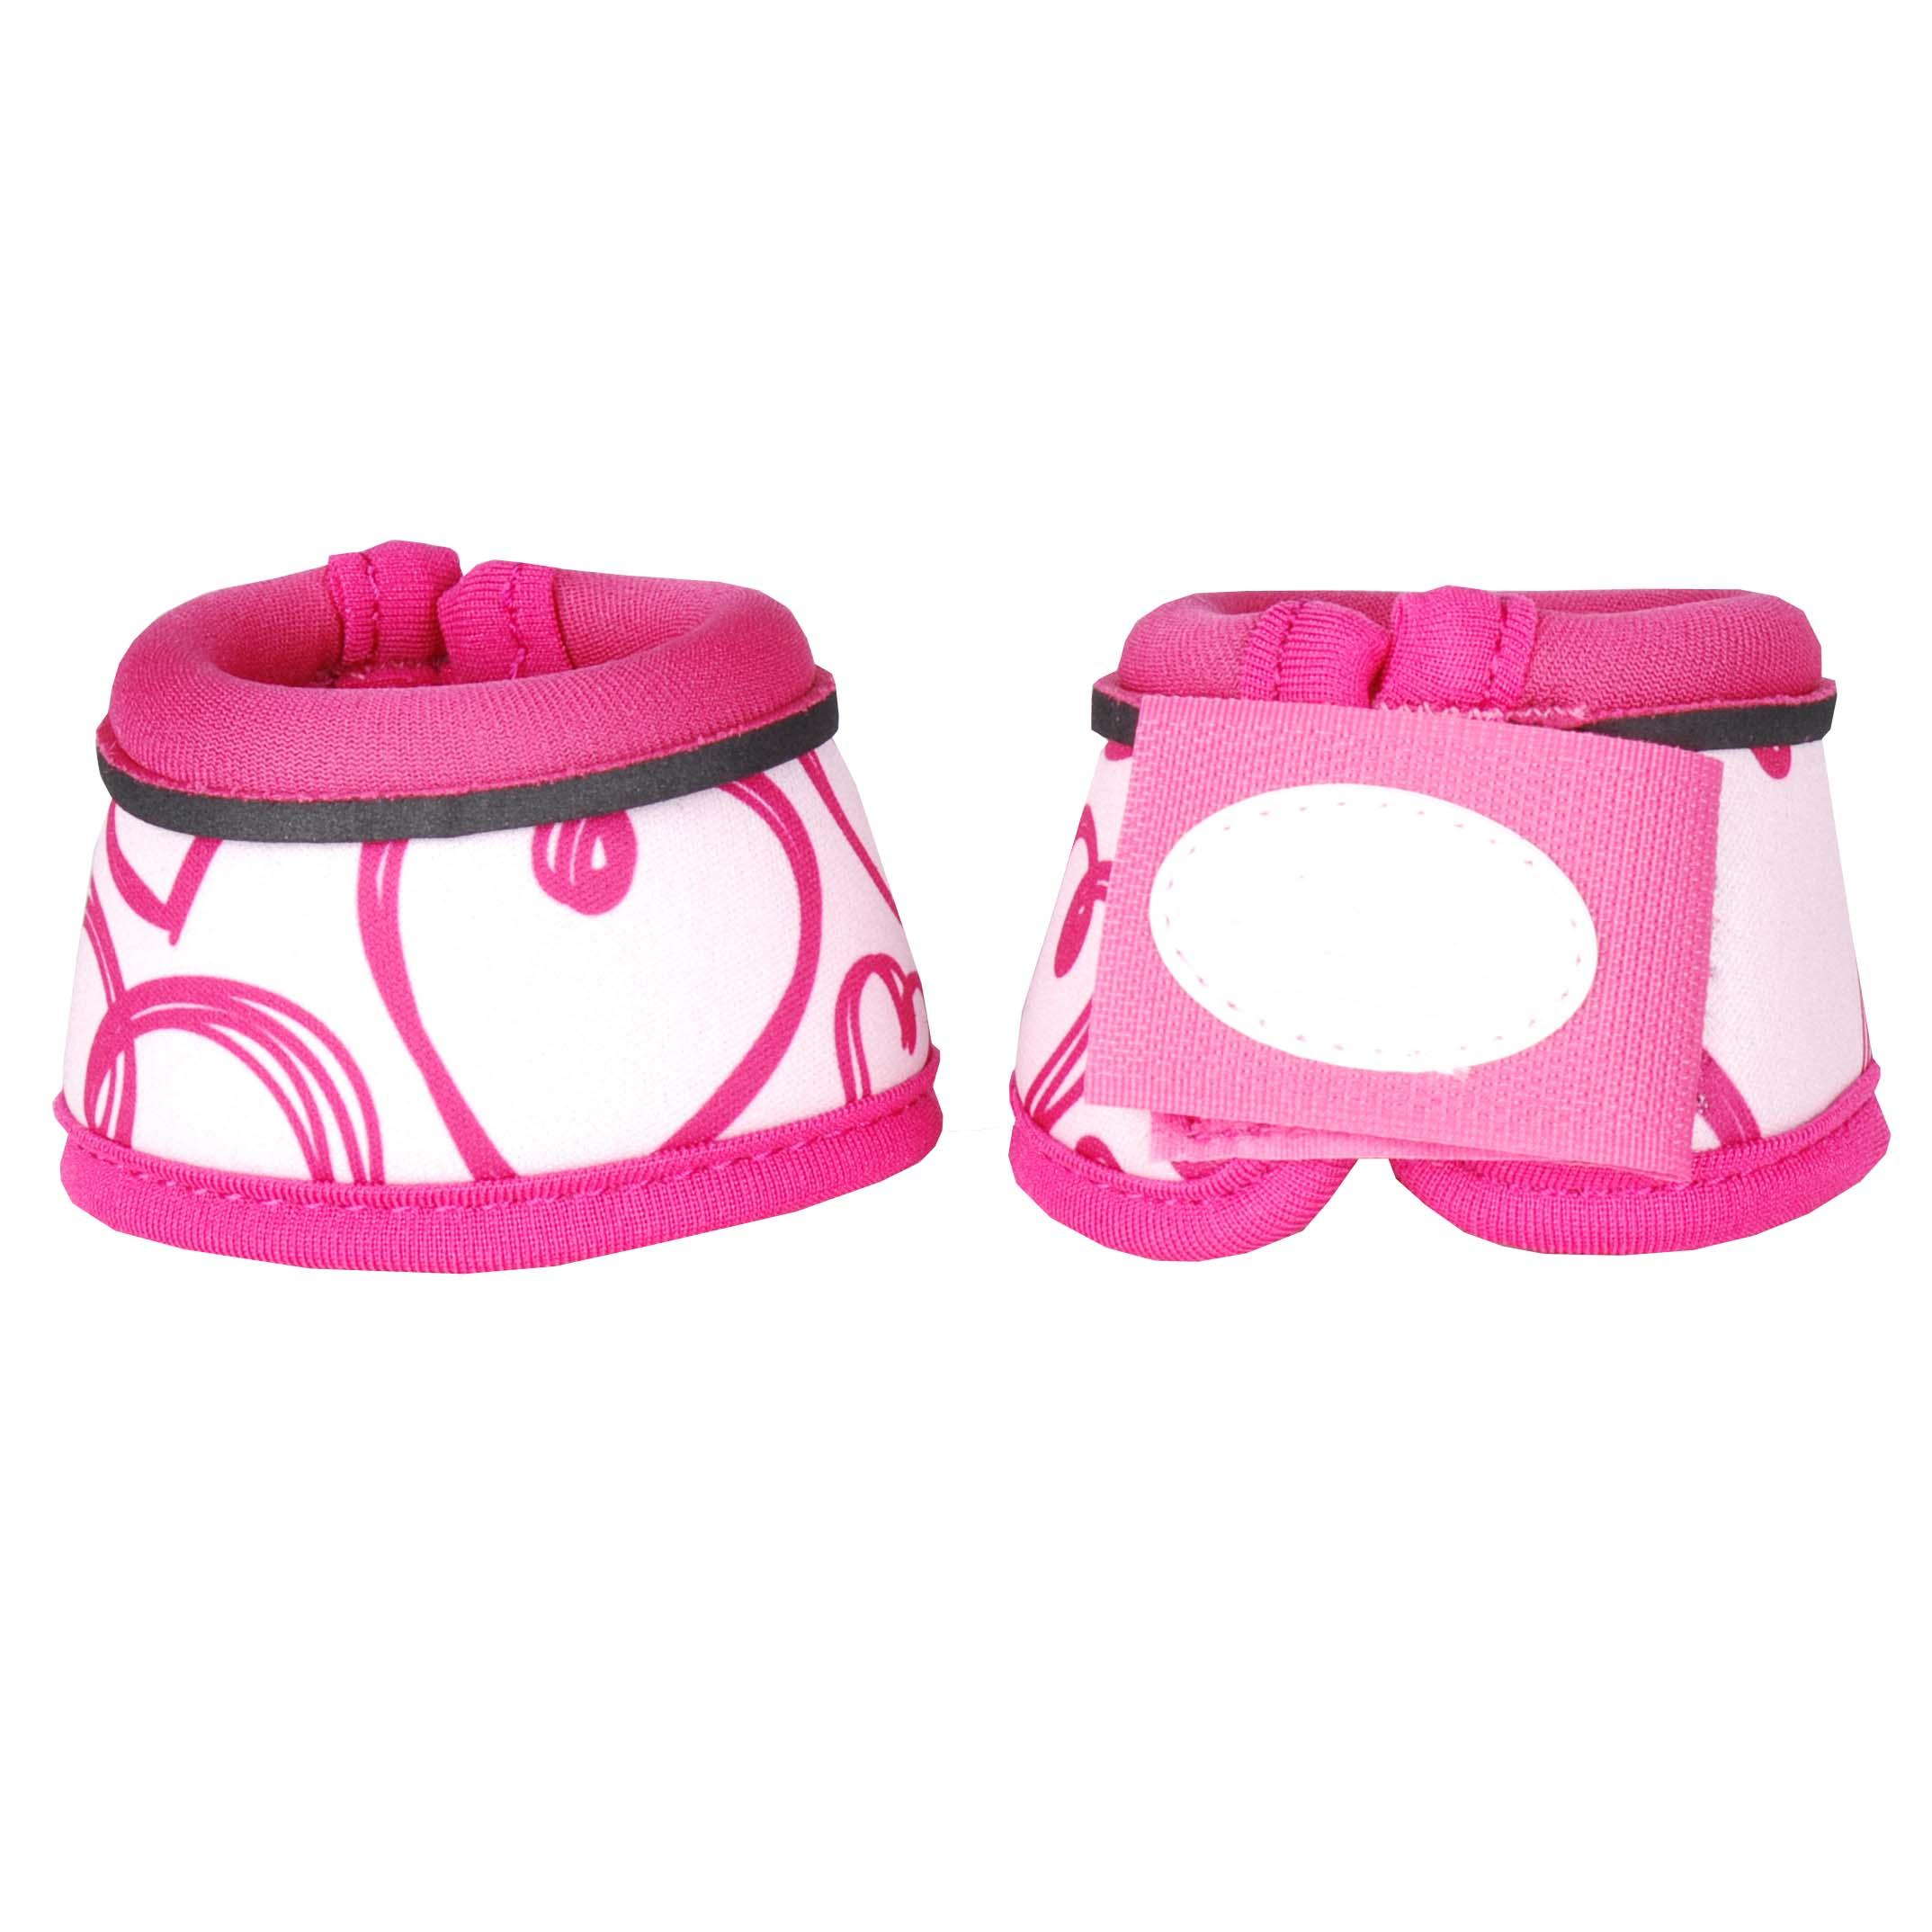 Harrys Horse Diva 2019 springschoenen roze maat:xxs